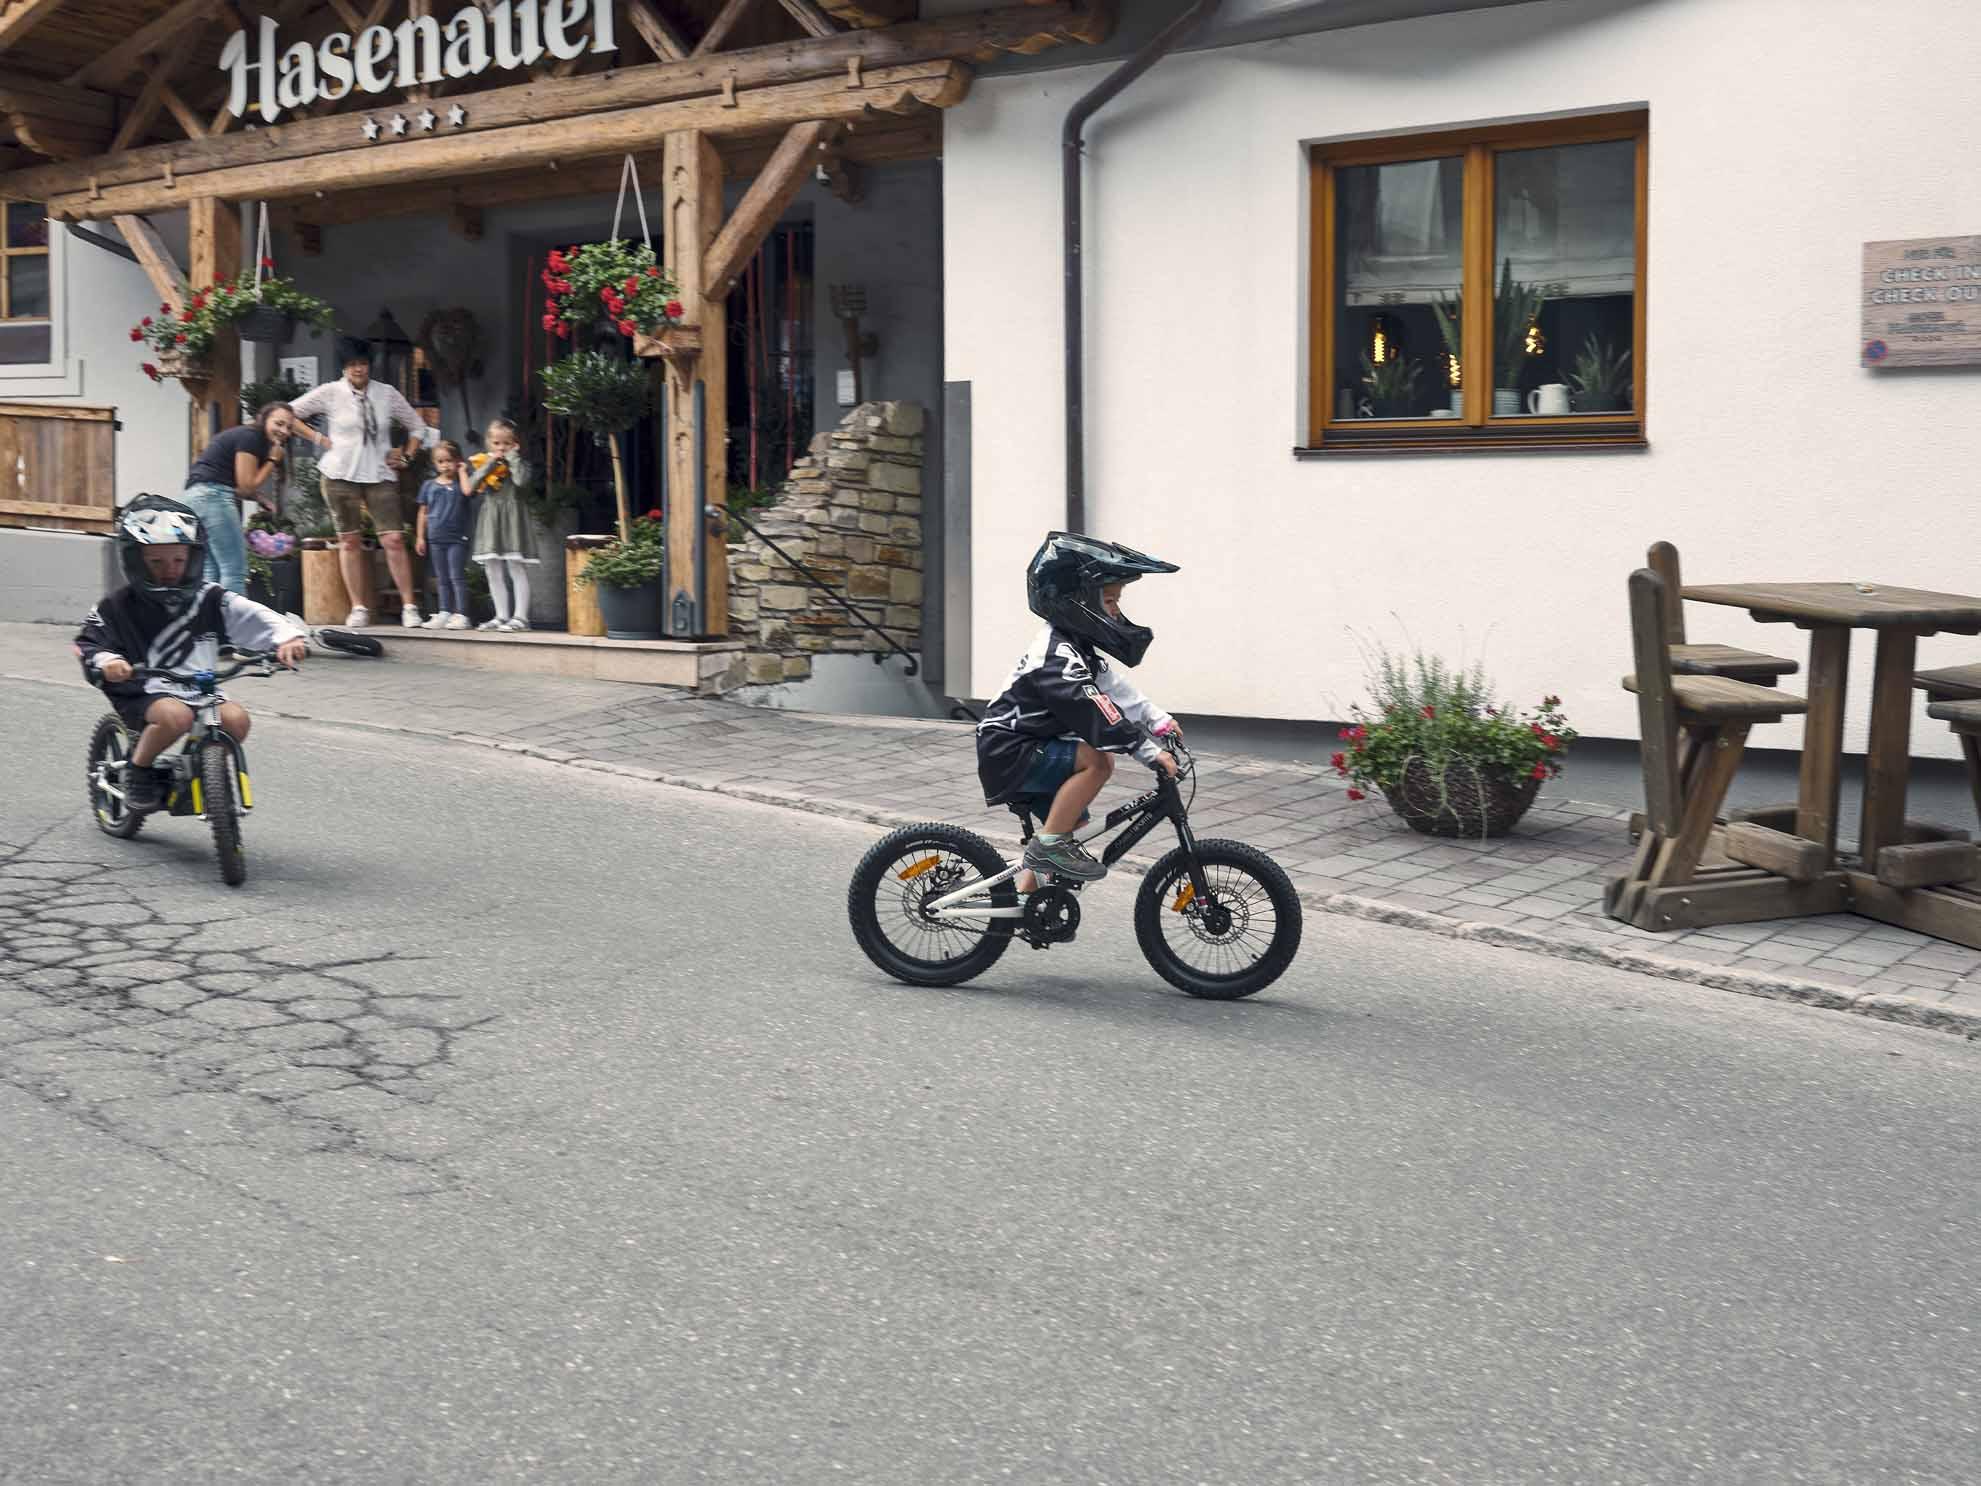 Zwei kleine Kinder fahren auf Mountainbikes